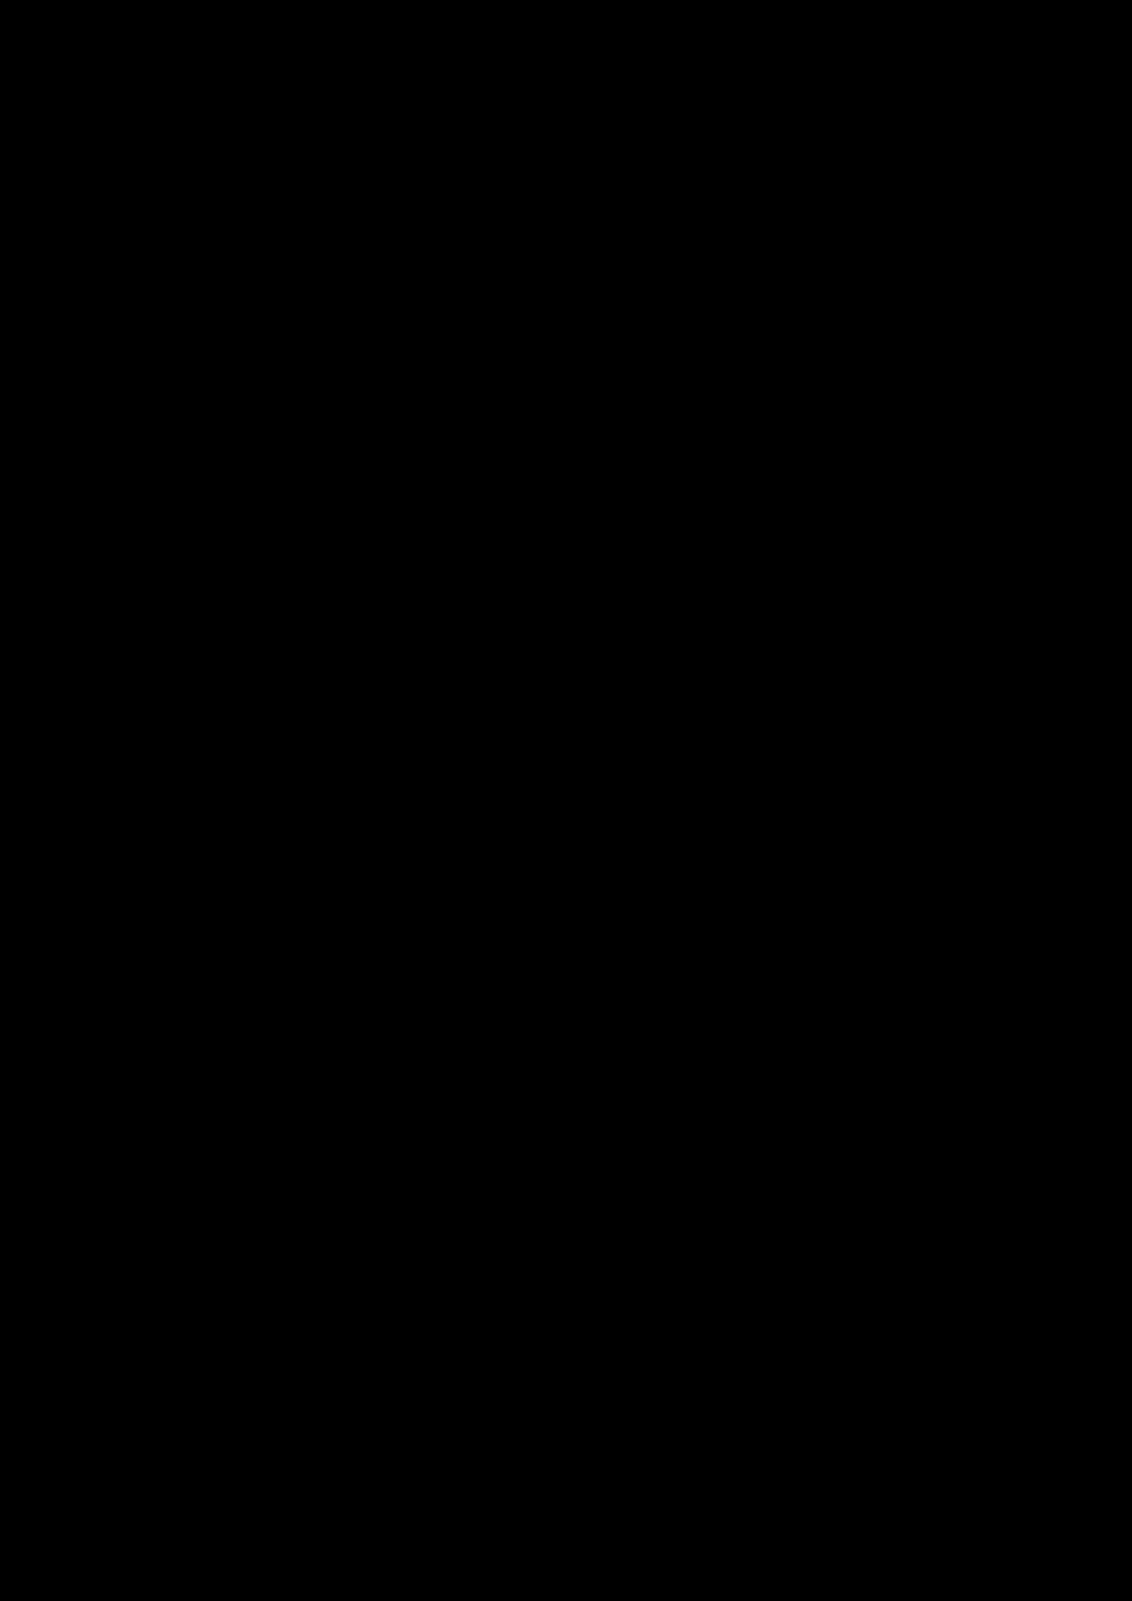 Proschanie s volshebnoy stranoy slide, Image 81